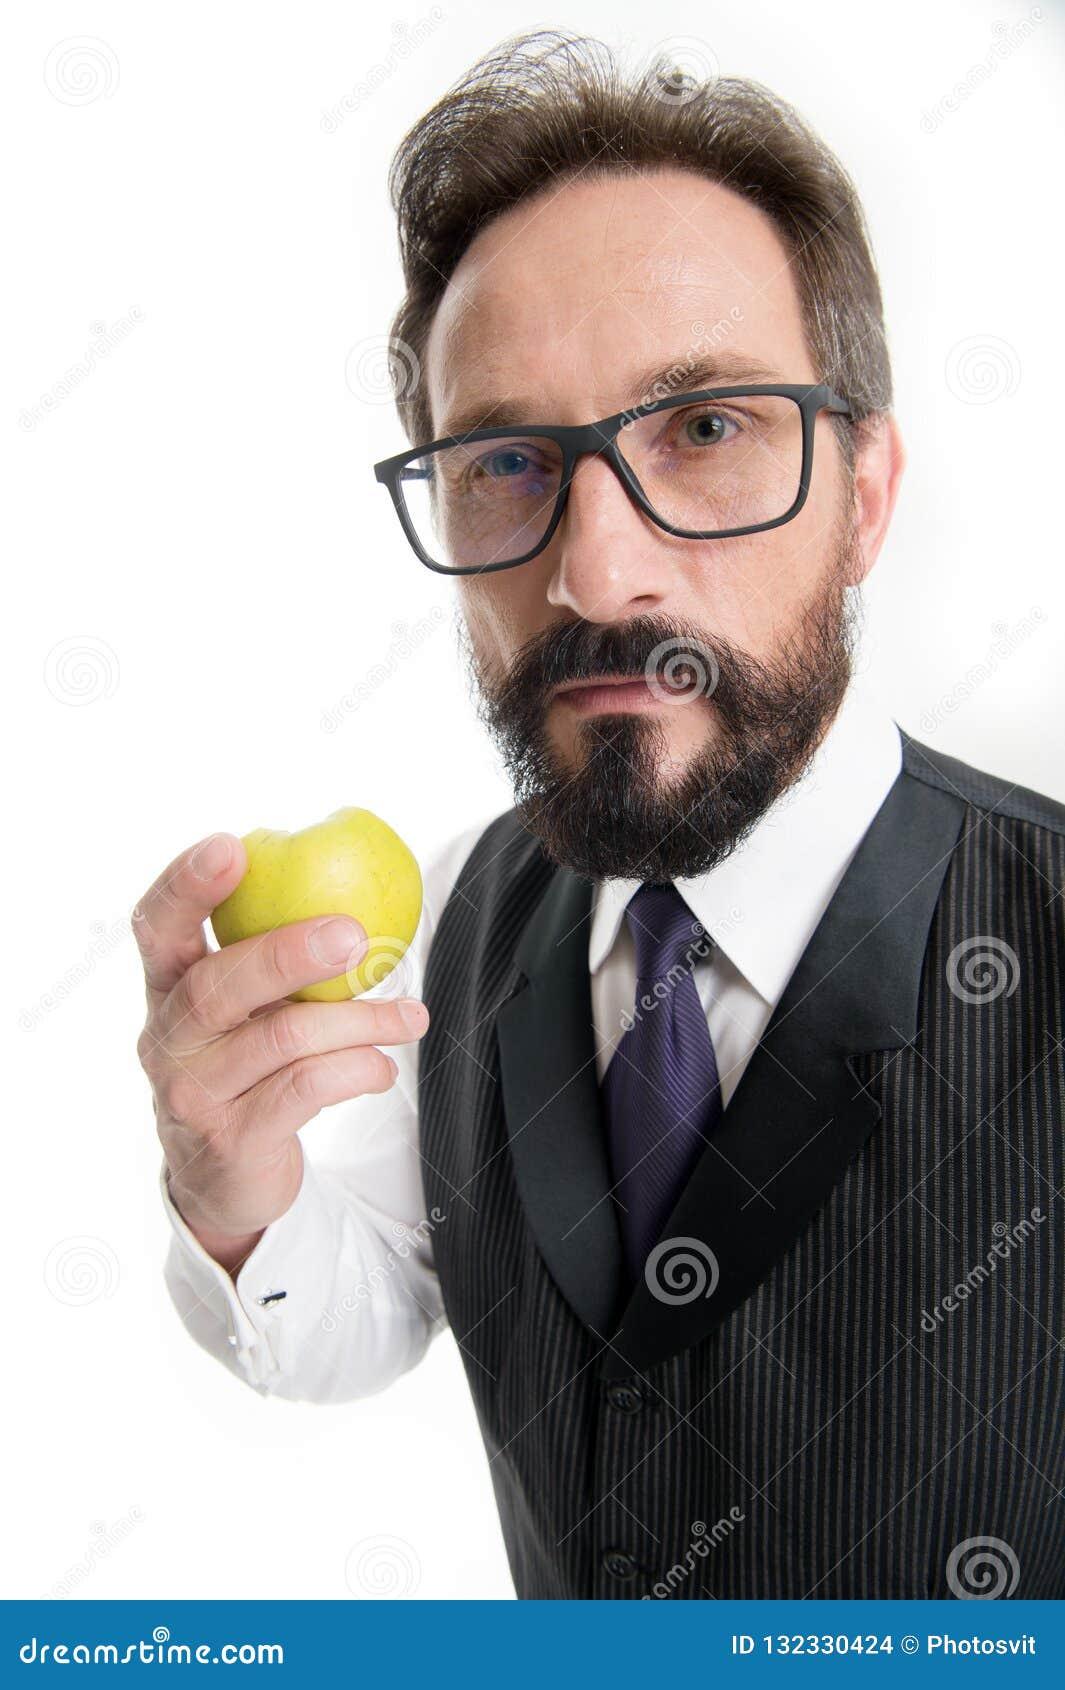 Przewdonik recepturowi eyeglass obiektywy, ramy i Biznesmen klasyczna formalna odzież i właściwi eyewear chwyty jemy jabłka